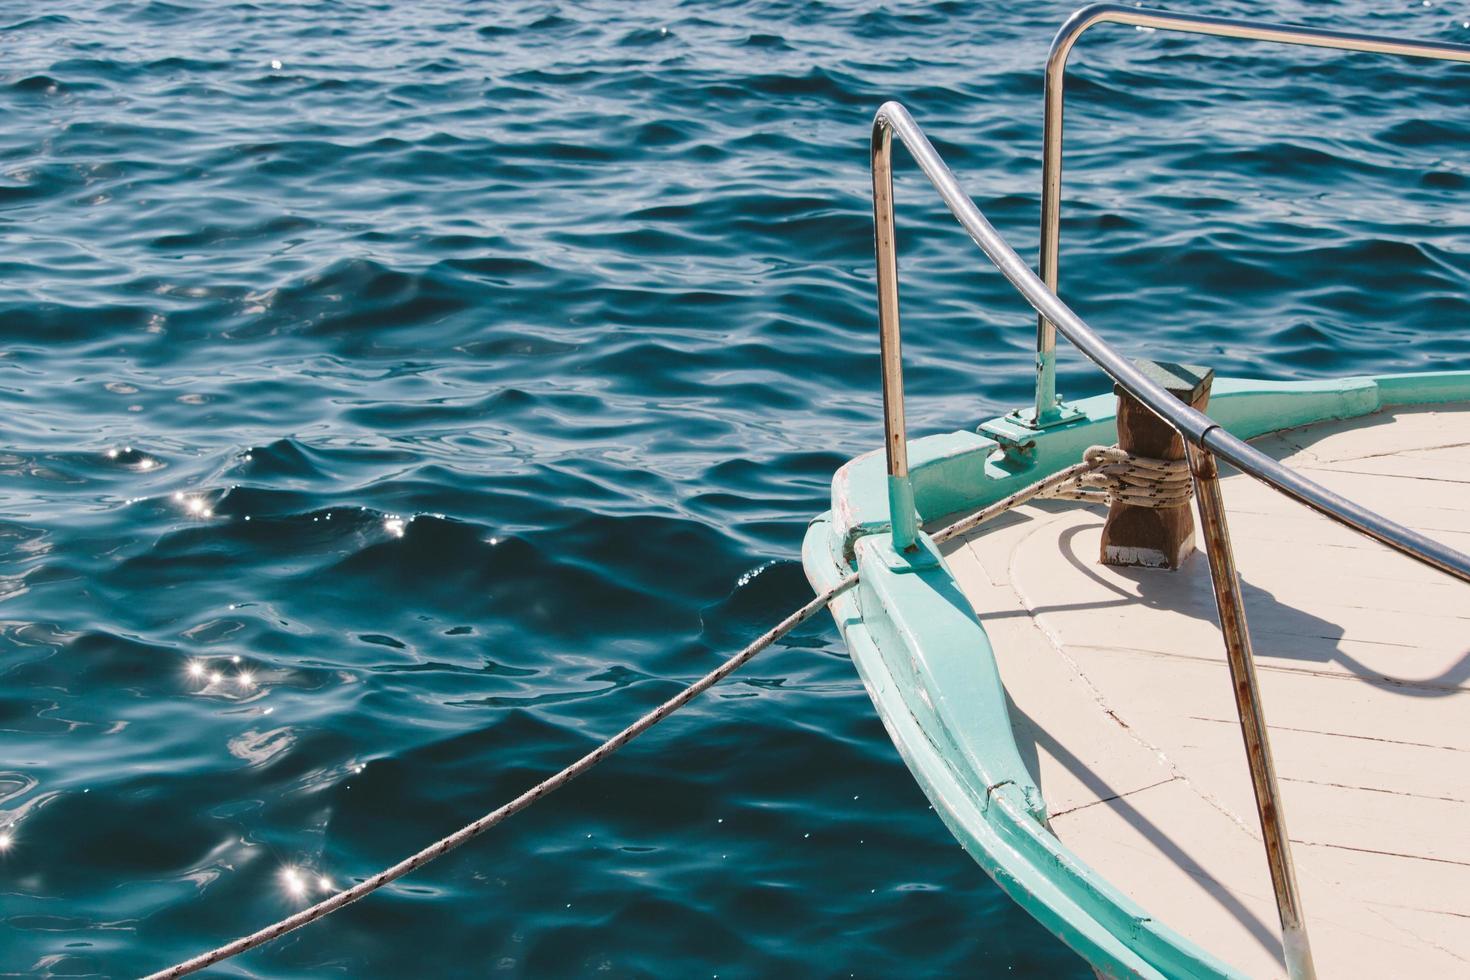 barca a vela sul mare foto